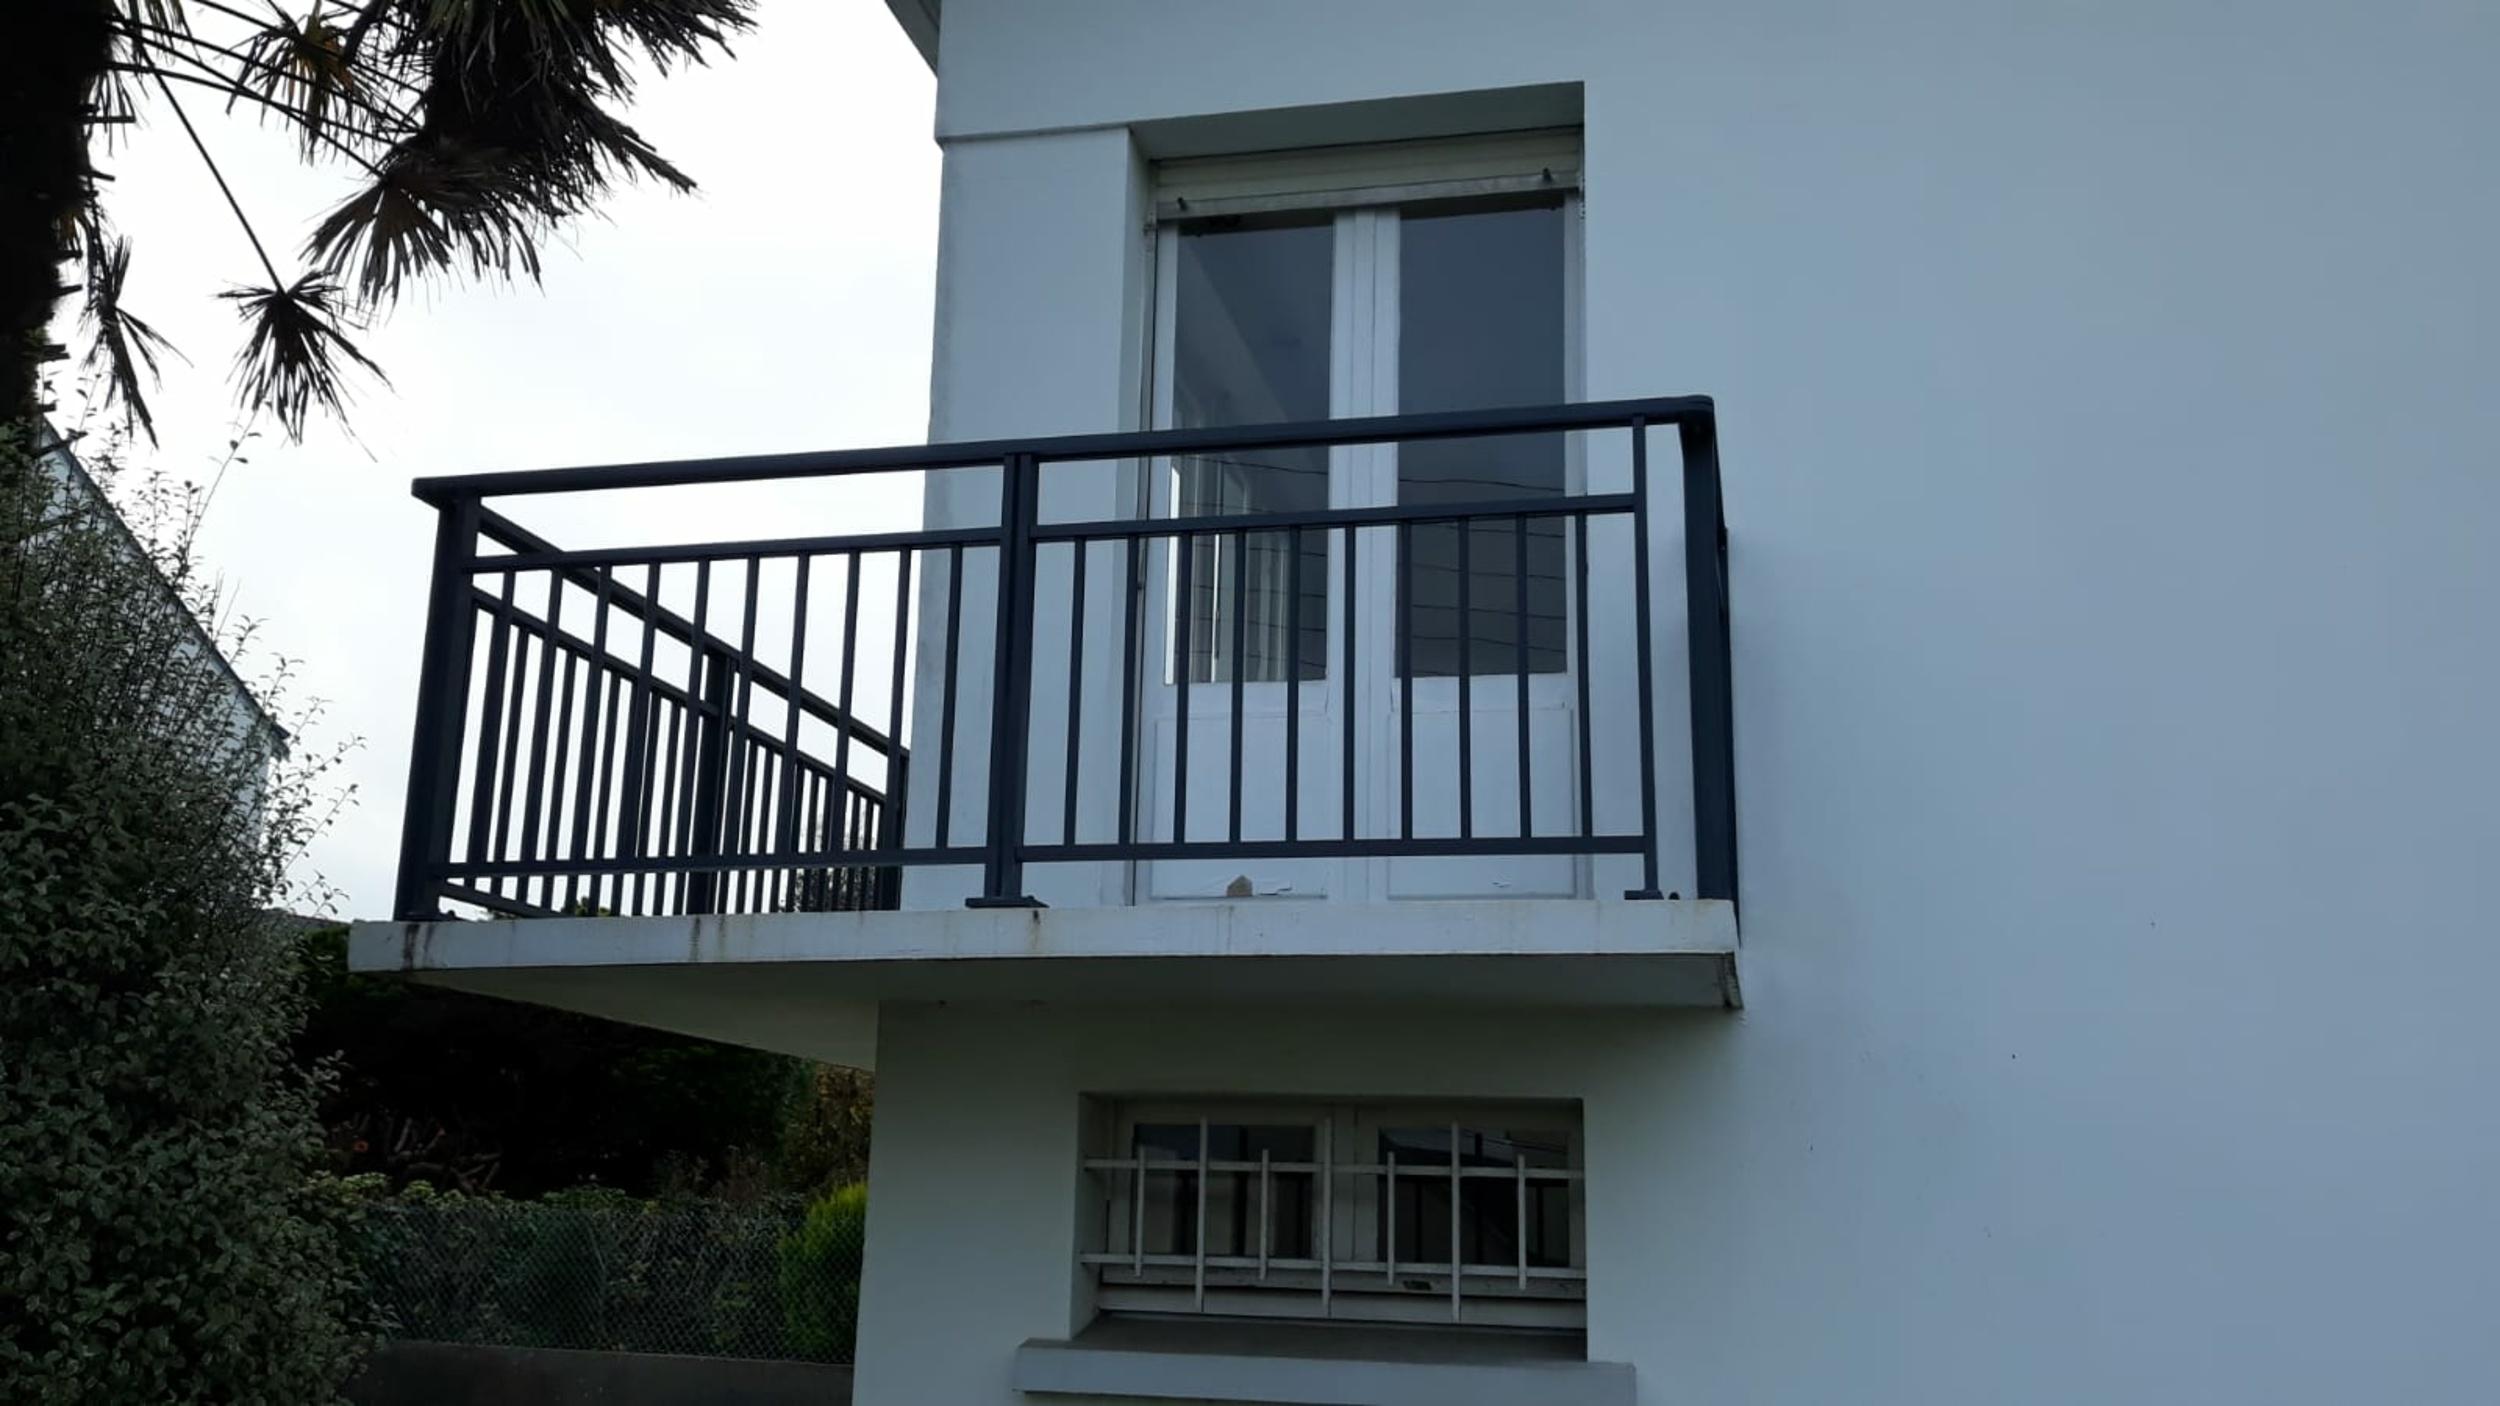 Installation de garde corps alu sur balcon - Lorient